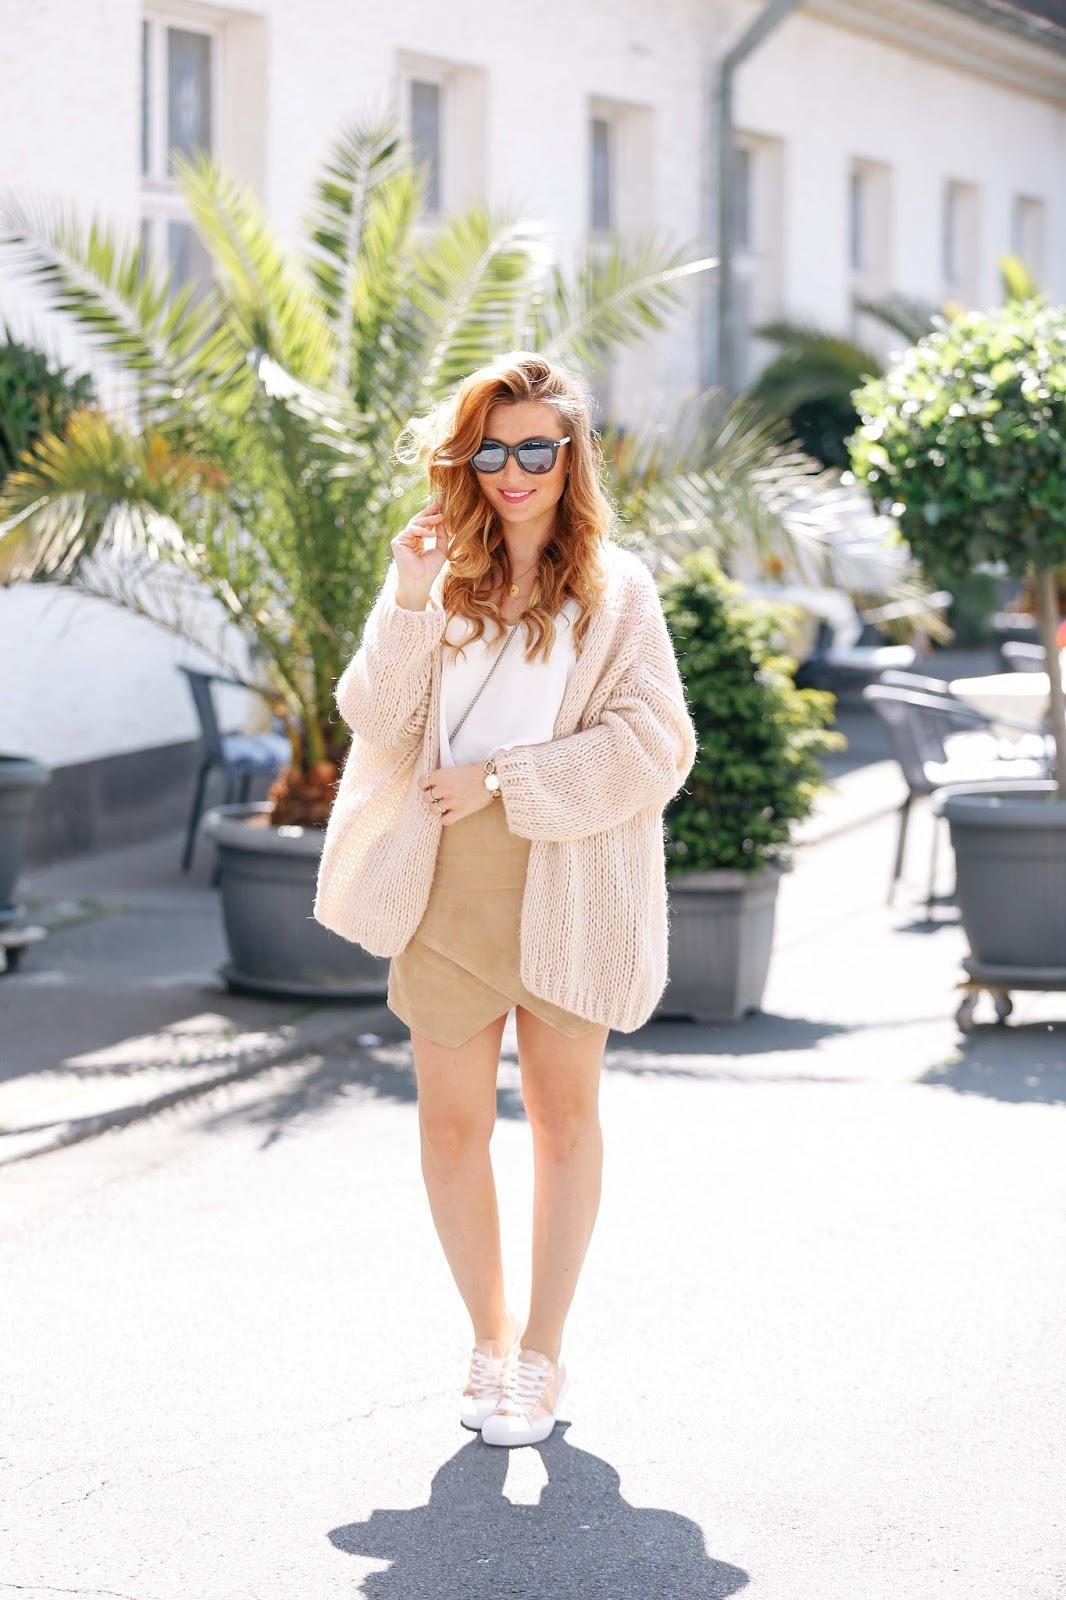 weißes.top-brauner-wildlederrock-ivyrevel-blogger--style-weiße-furla-tasche-fashionstylebyjohanna-furla-tasche-weiße-tasche-kombinieren